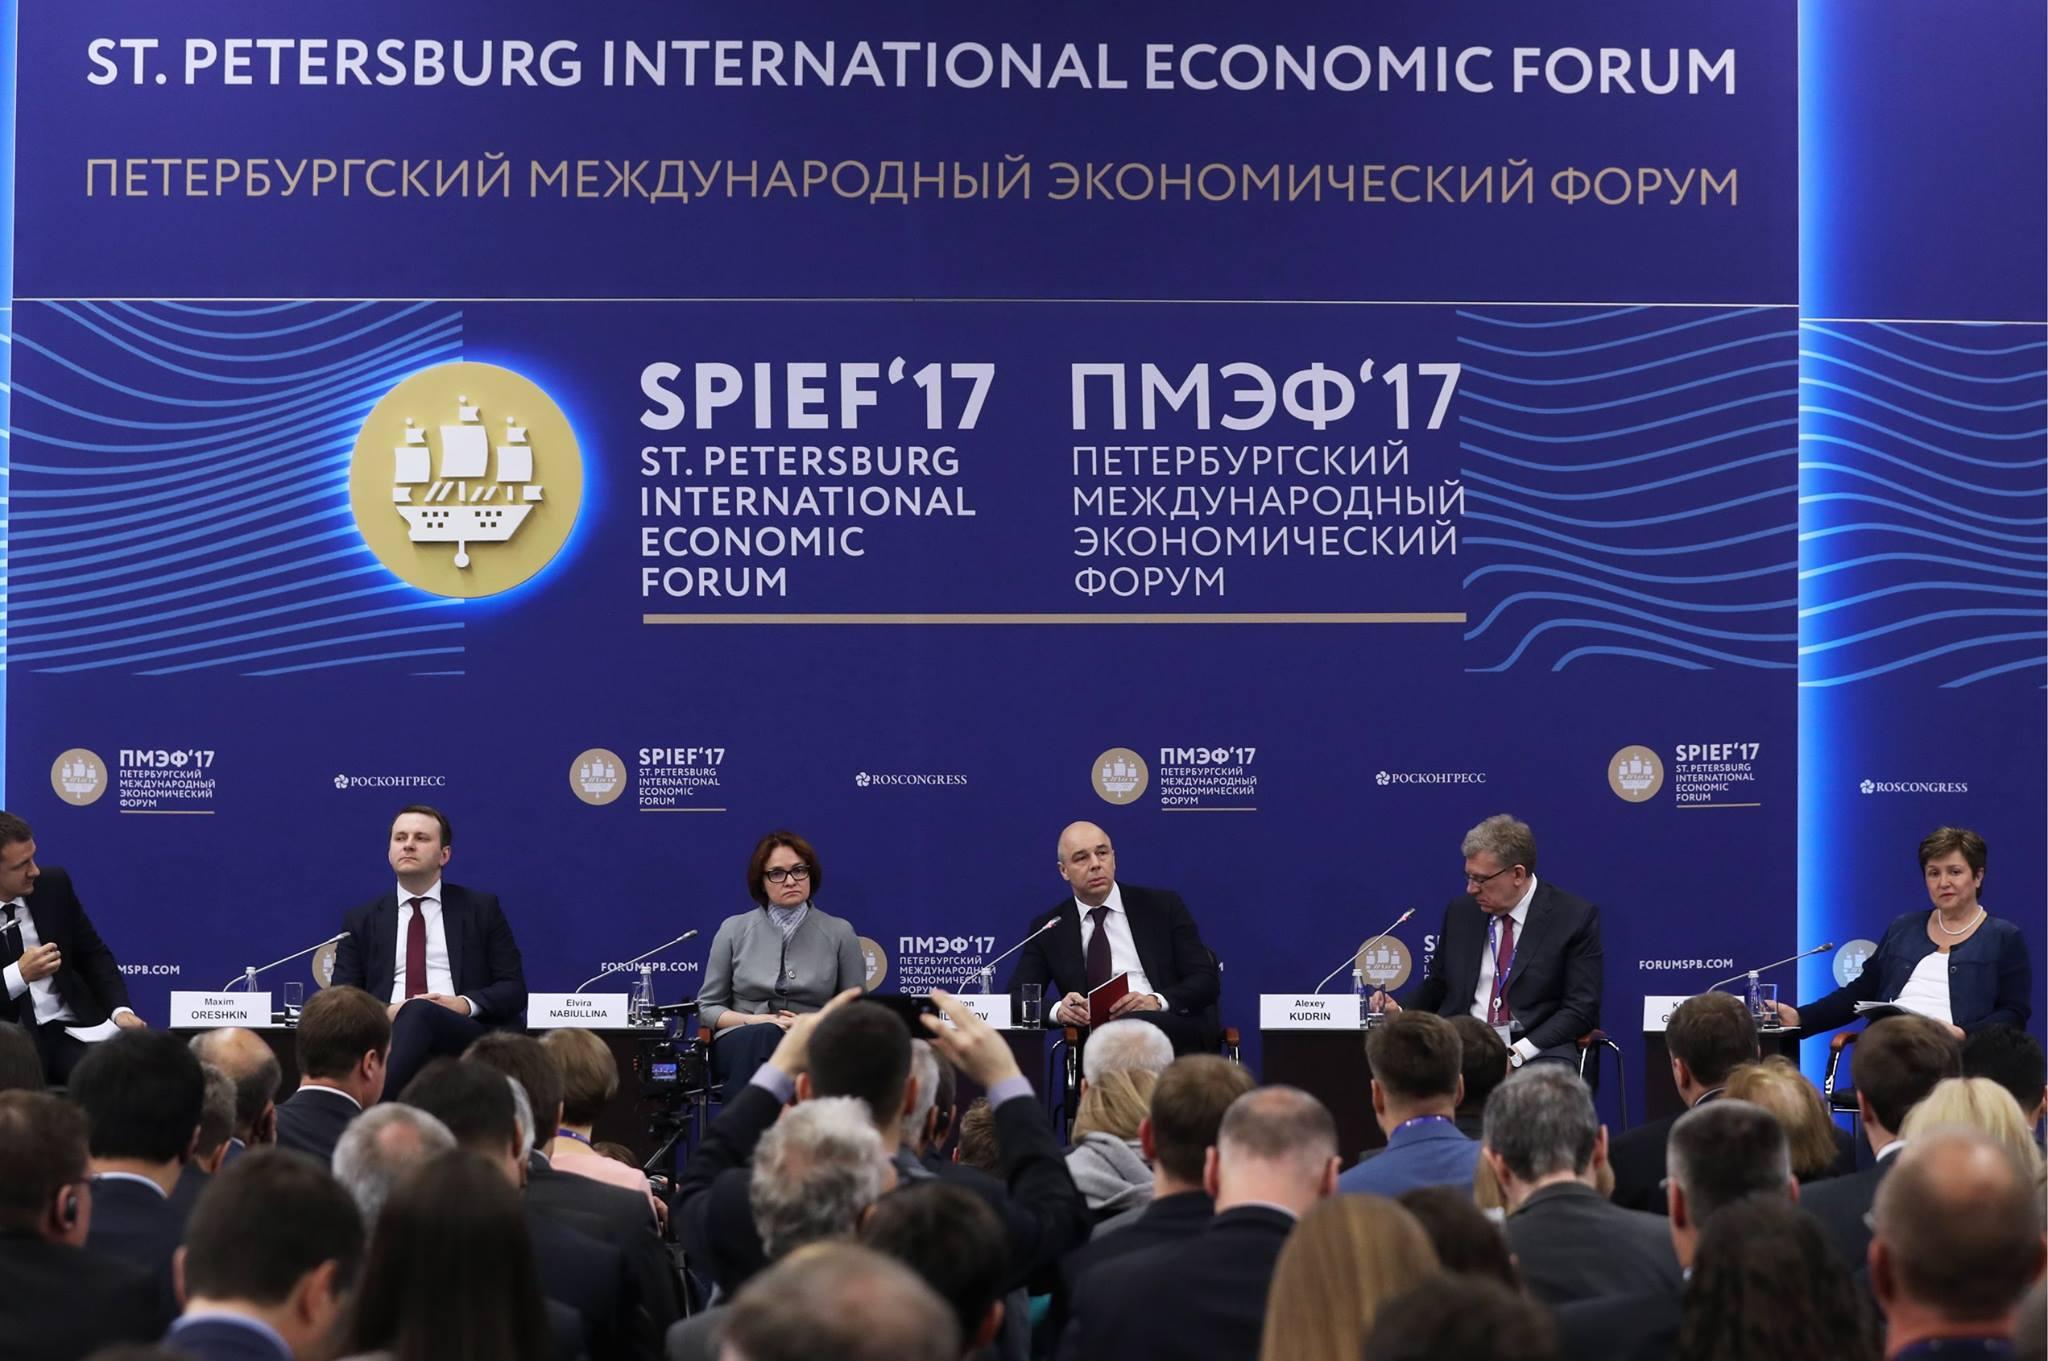 Курские молодые предприниматели во главе с губернатором Александром Михайловом принимают участие в ПМЭФ-2017